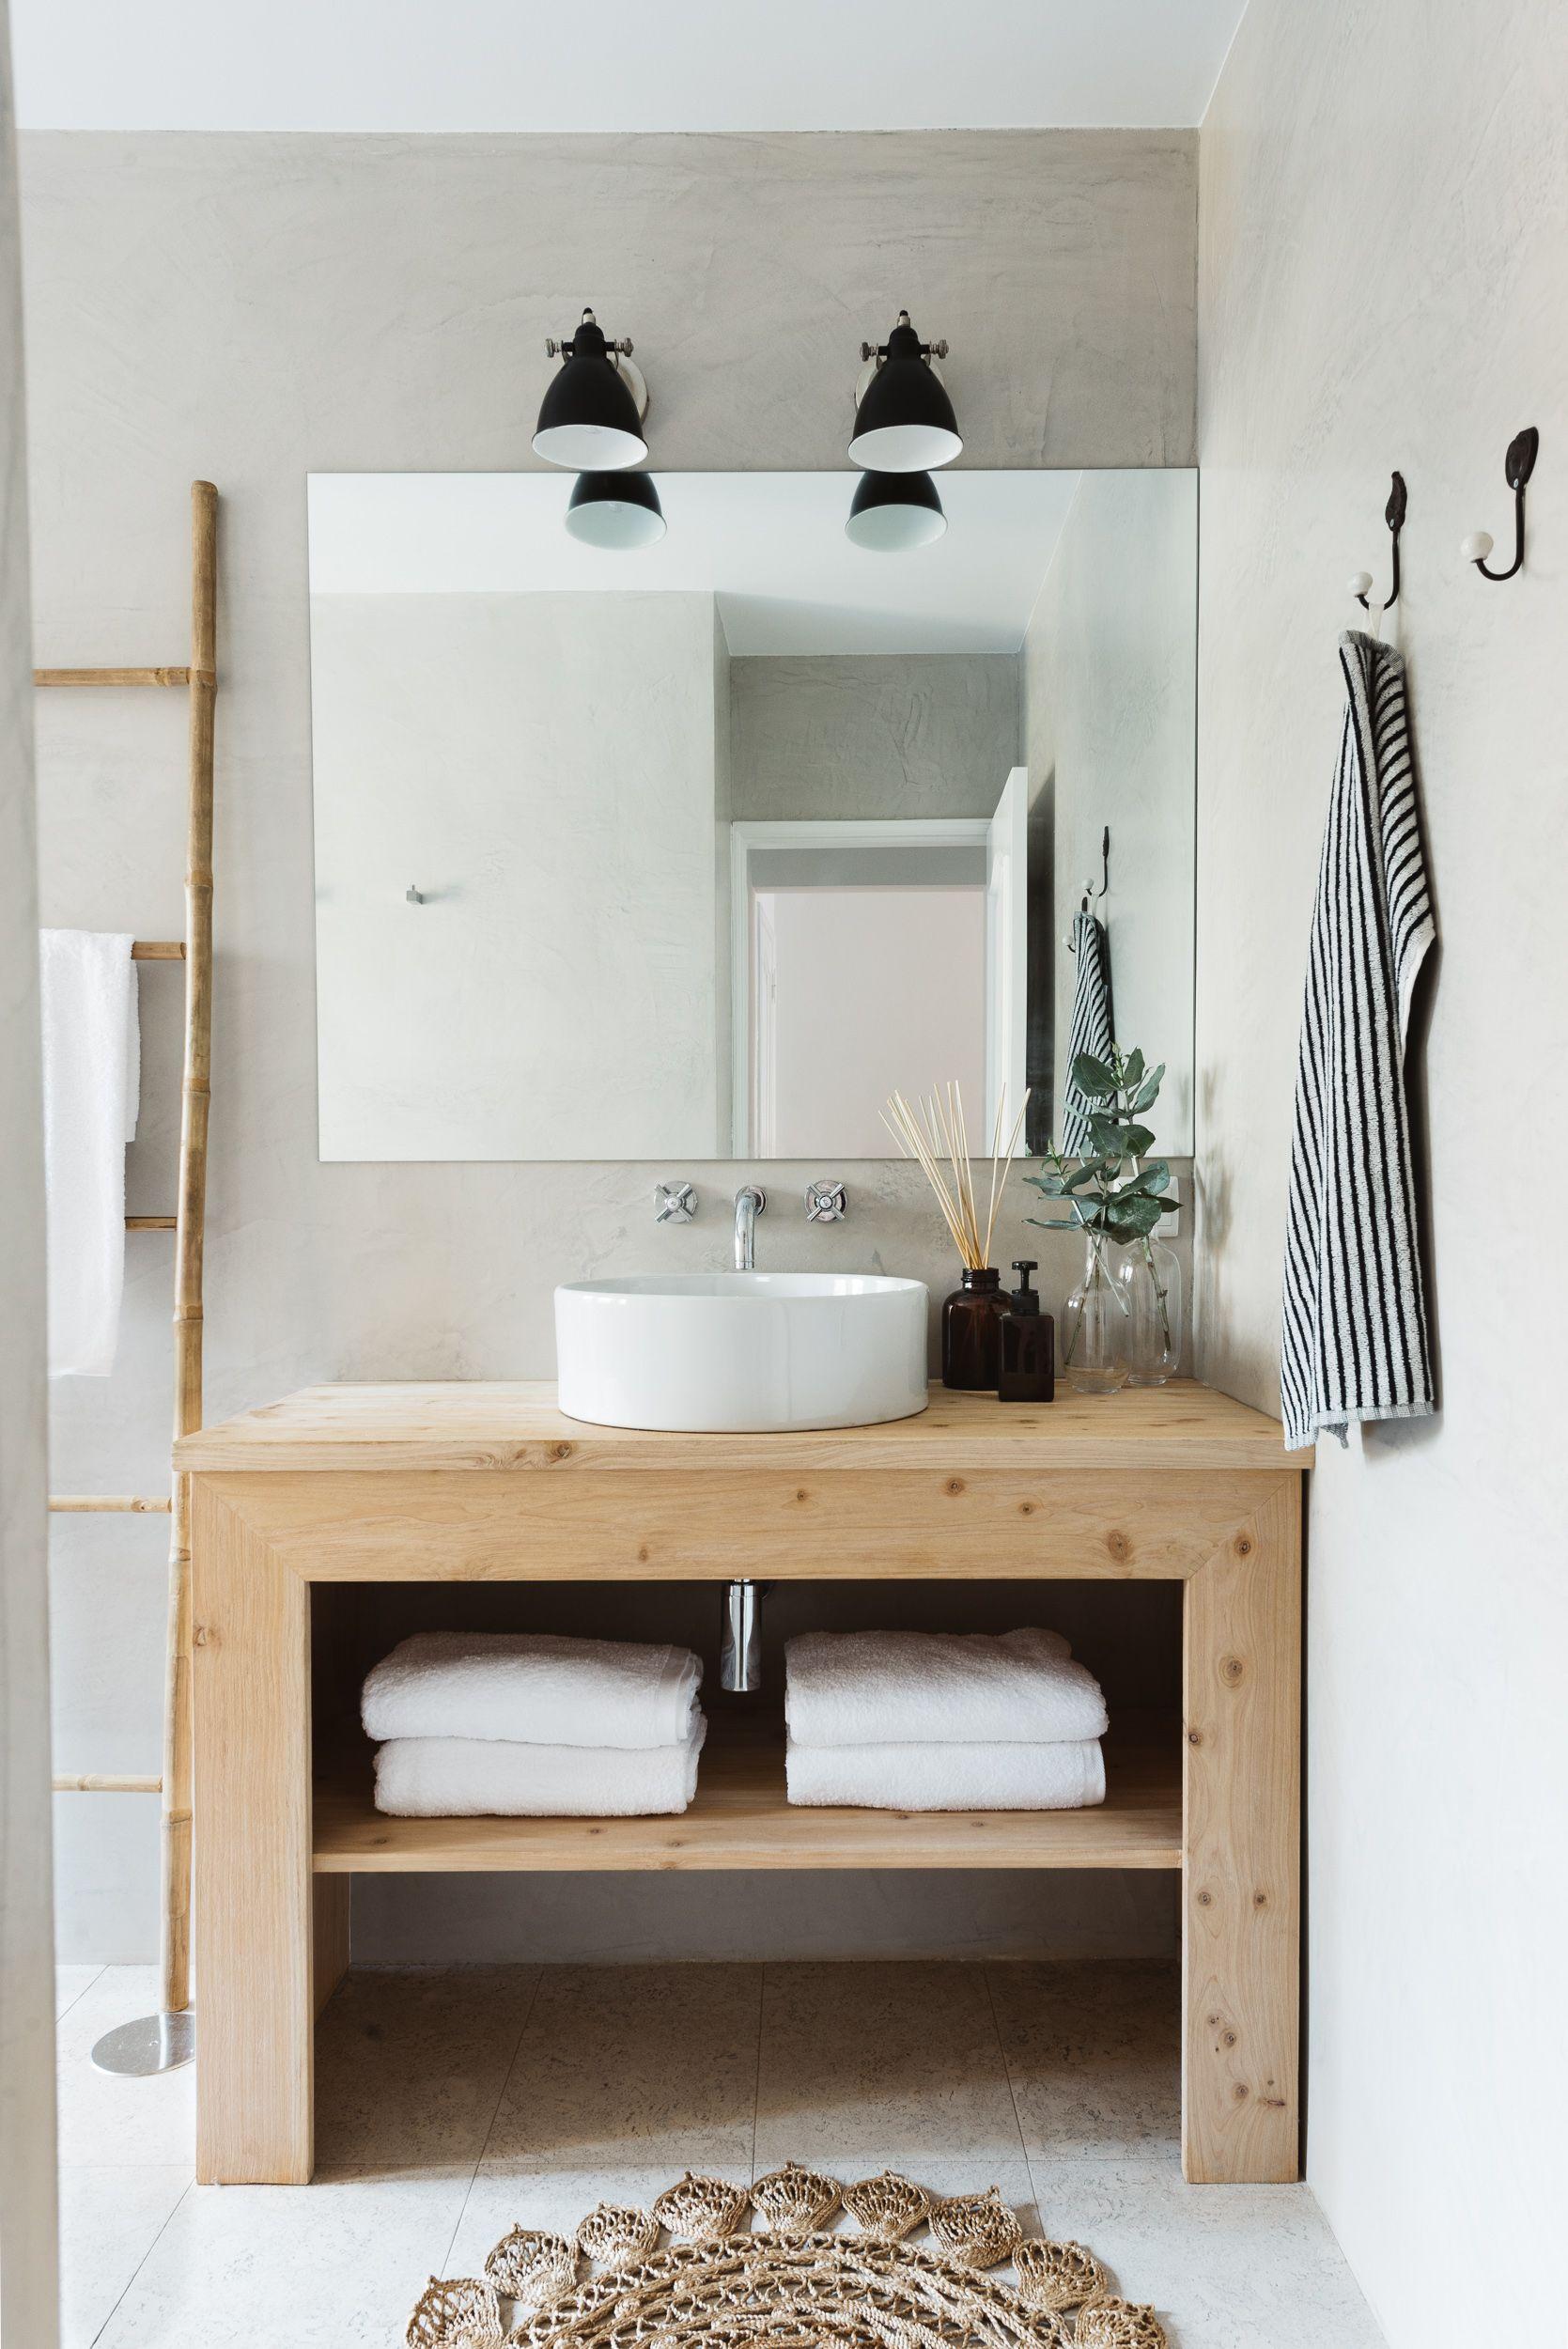 70 Mq A Lisbona Arredati In Stile Nordico Design Del Bagno Arredamento Bagno Decorare Il Bagno